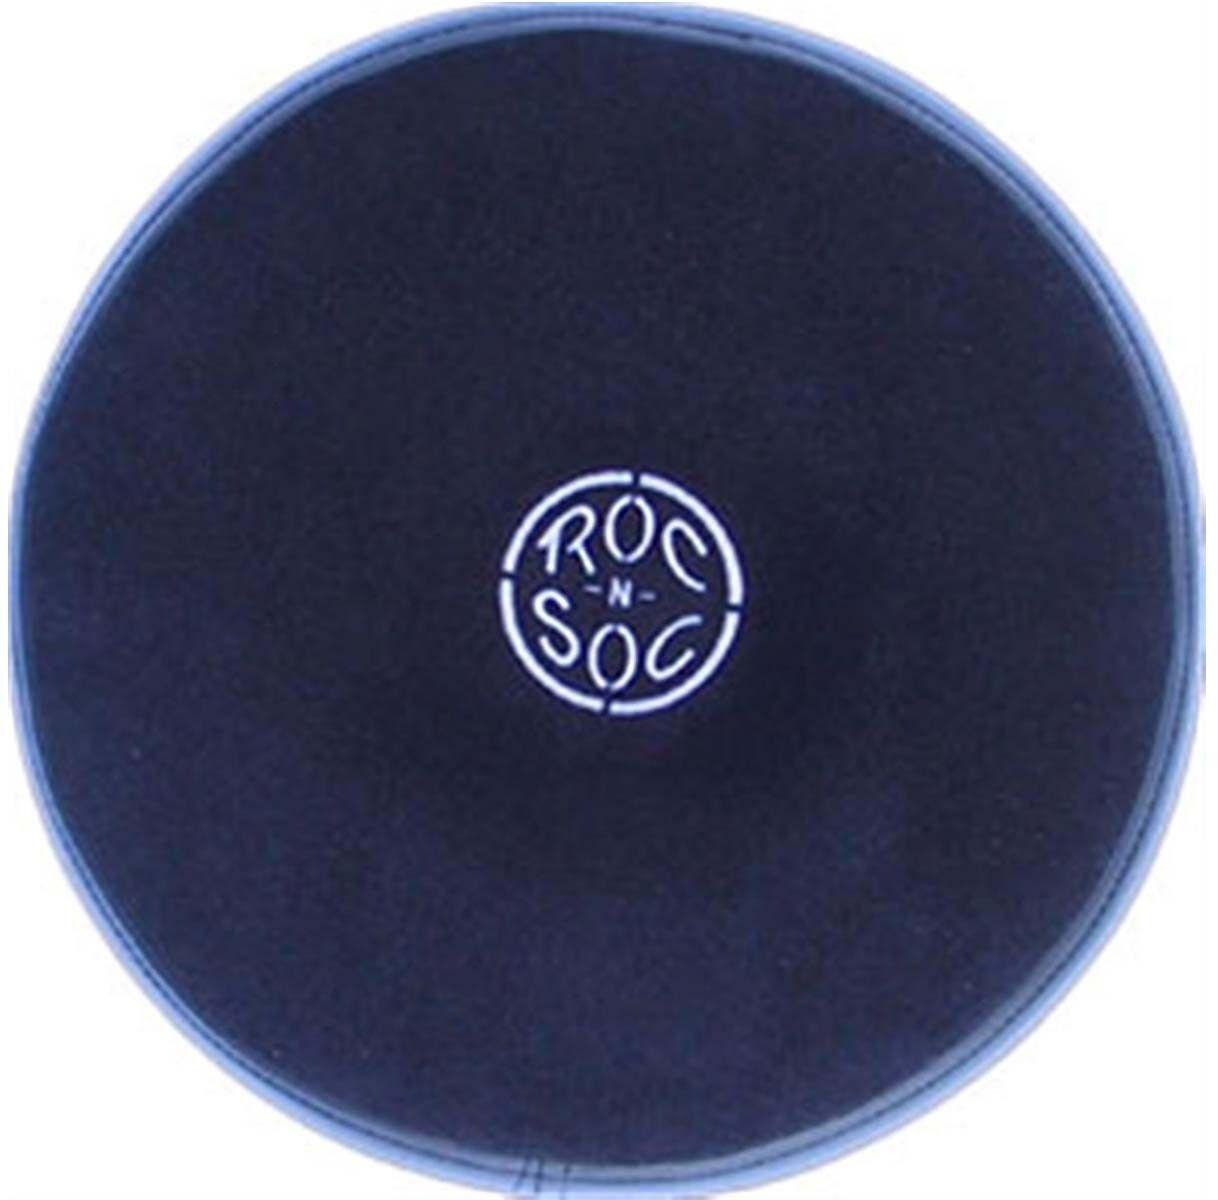 Roc-n-Soc Rundsitz - Blau Drumhocker Schlagzeug Hocker